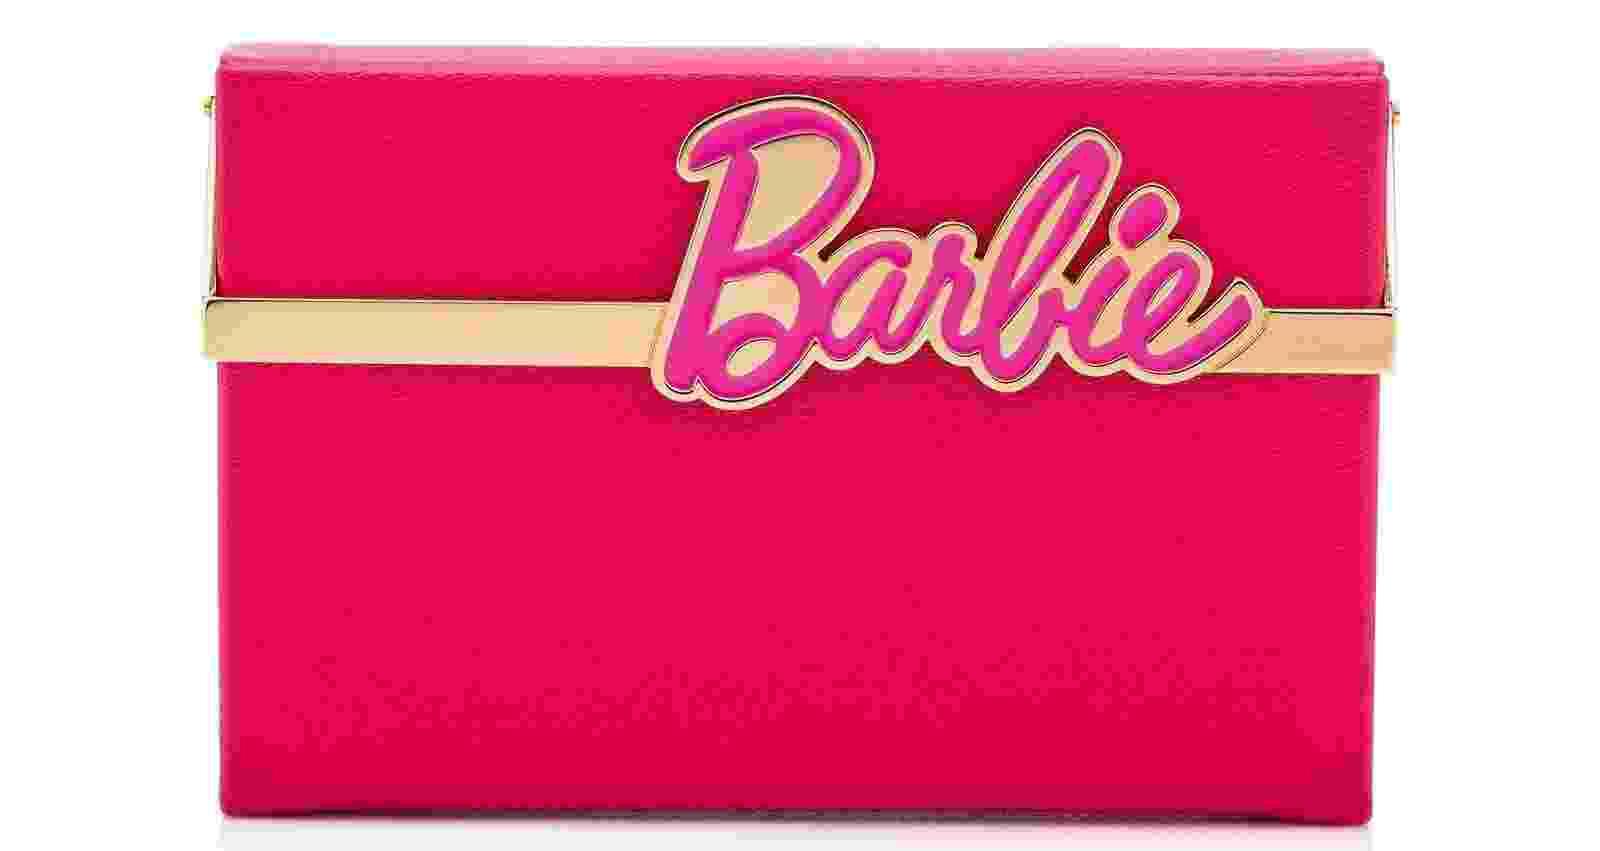 """Adora rosa? Sonha em ser uma Barbie? Que tal uma bolsa de festa desenhada por Charlotte Oympia (us.charlotteolympia.com) chamada """"Barbie Vanina""""? A clutch de acrílico está à venda no site da designer e sai por US$ 1.195 ou R$ 3.884,59 (cotação do dia 30.dez.2016) - Divulgação"""